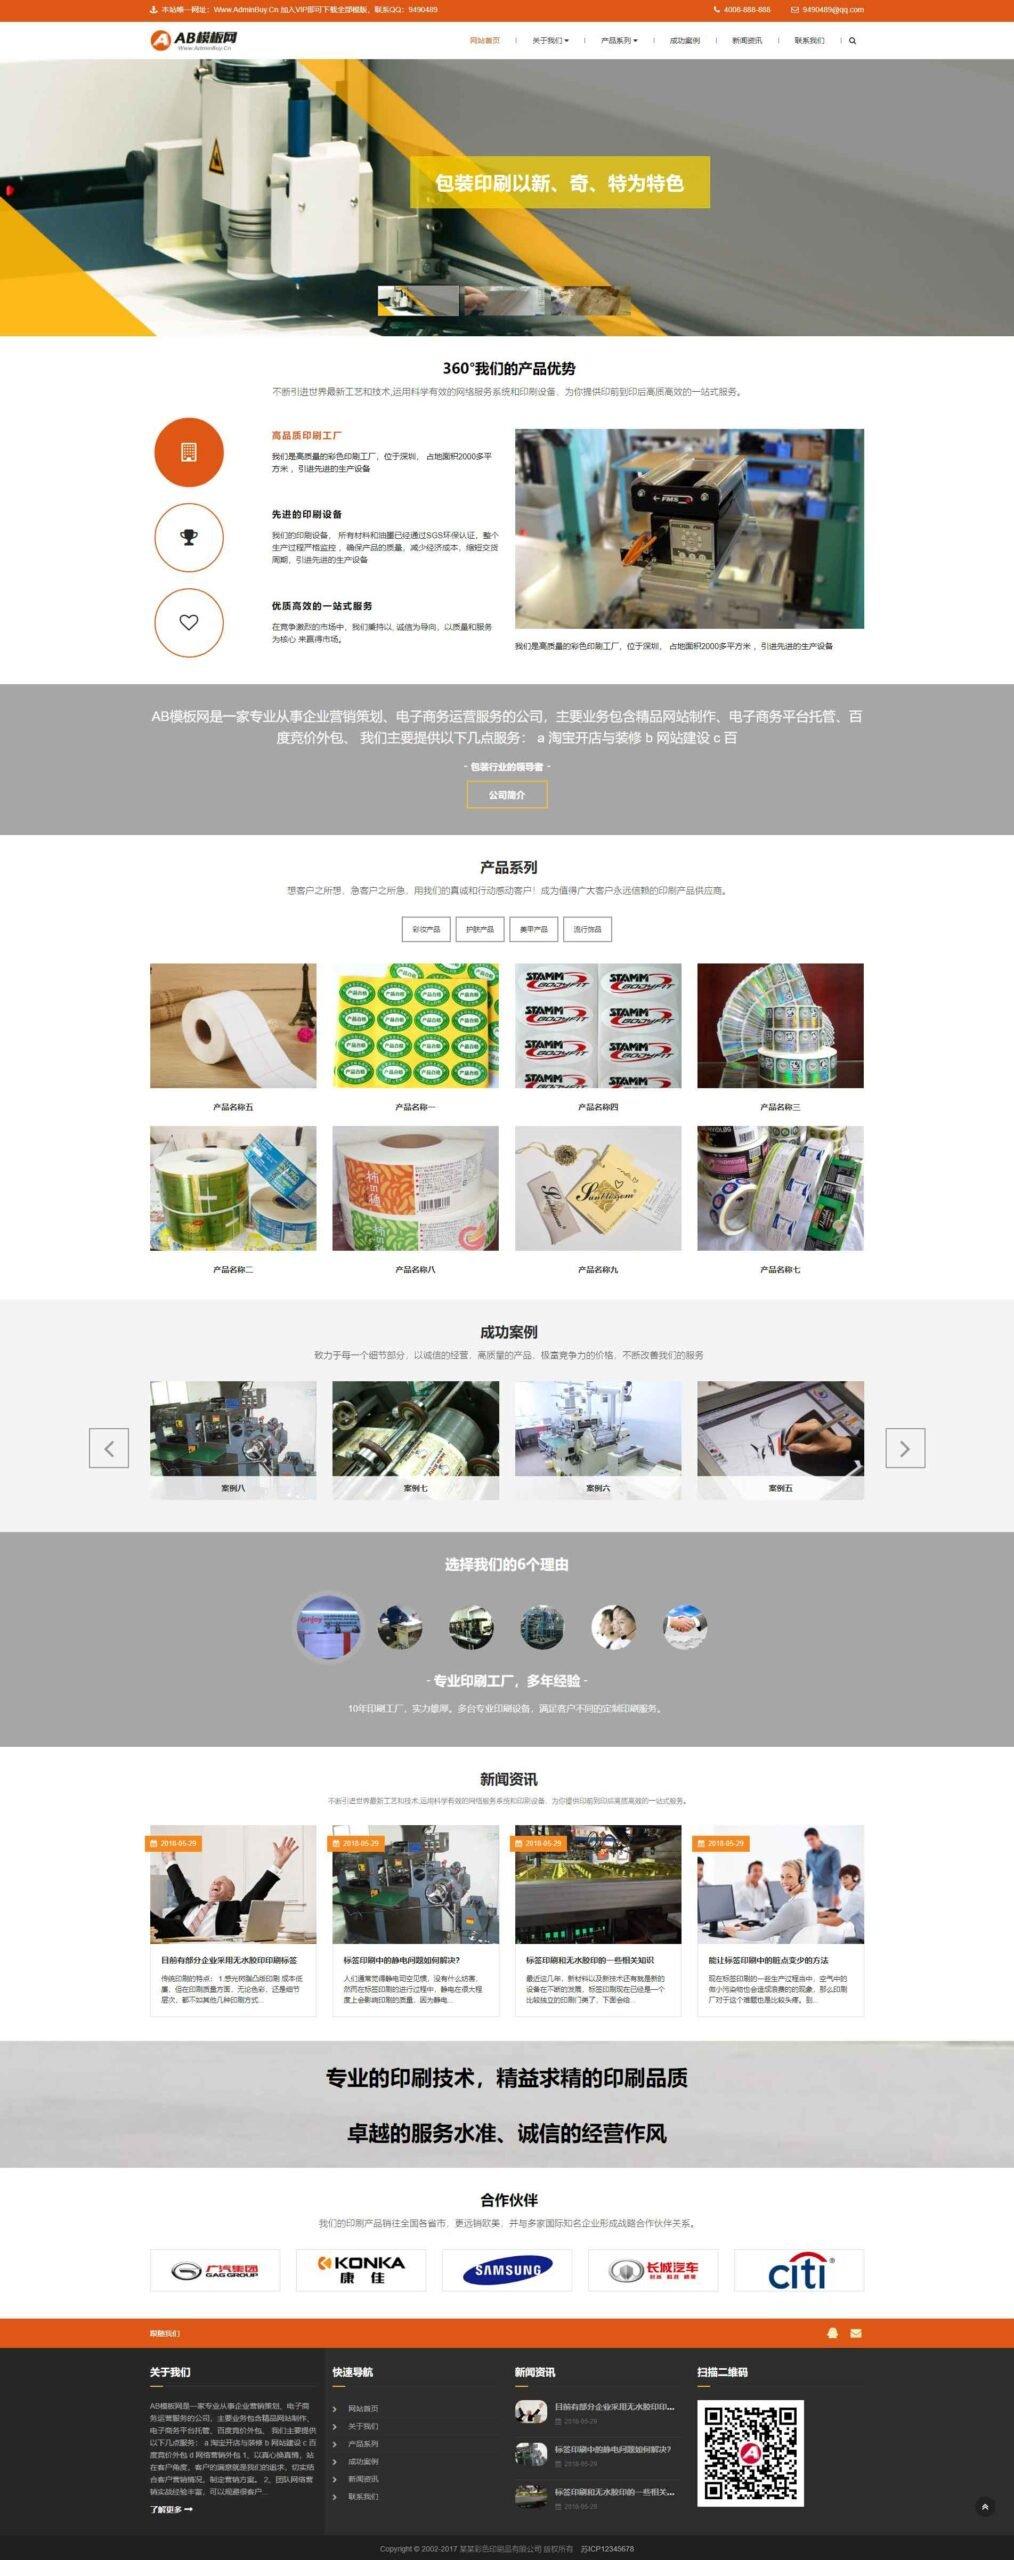 彩色包装印刷企业网站织梦dede模板源码[自适应手机版]插图